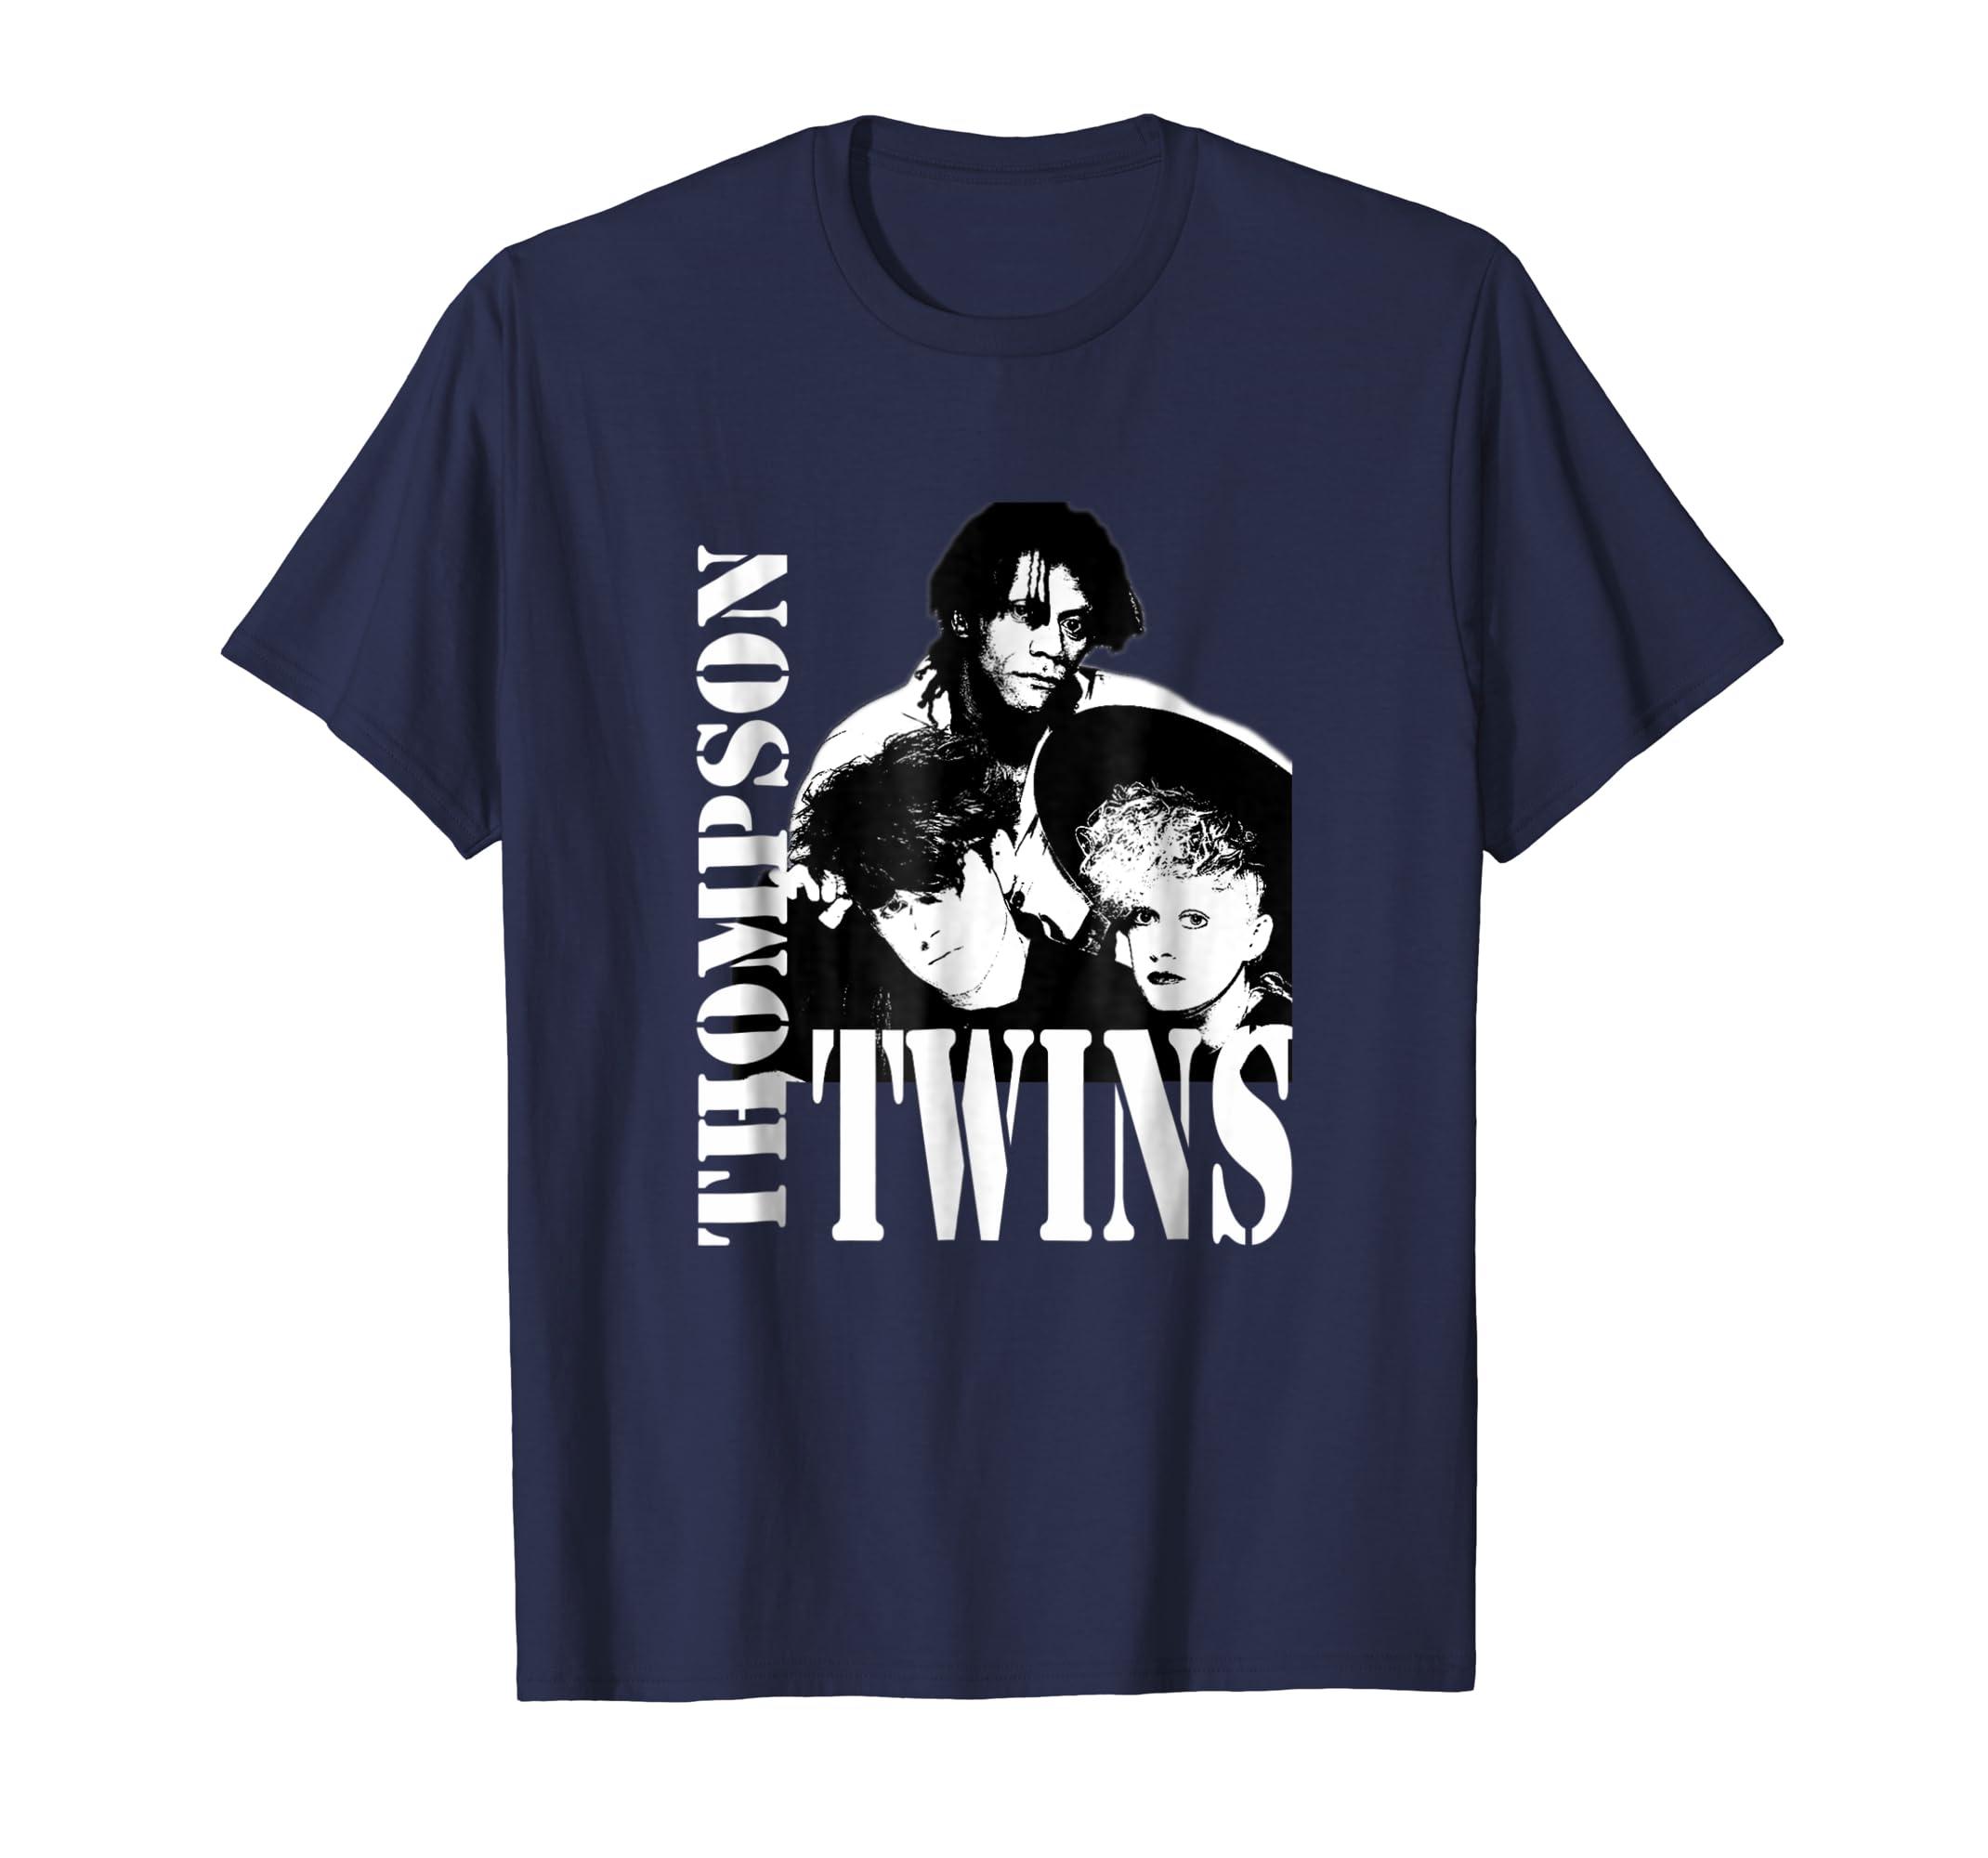 Thompson Twins Upcoming Tour 2018 Black Women T shirt-Awarplus